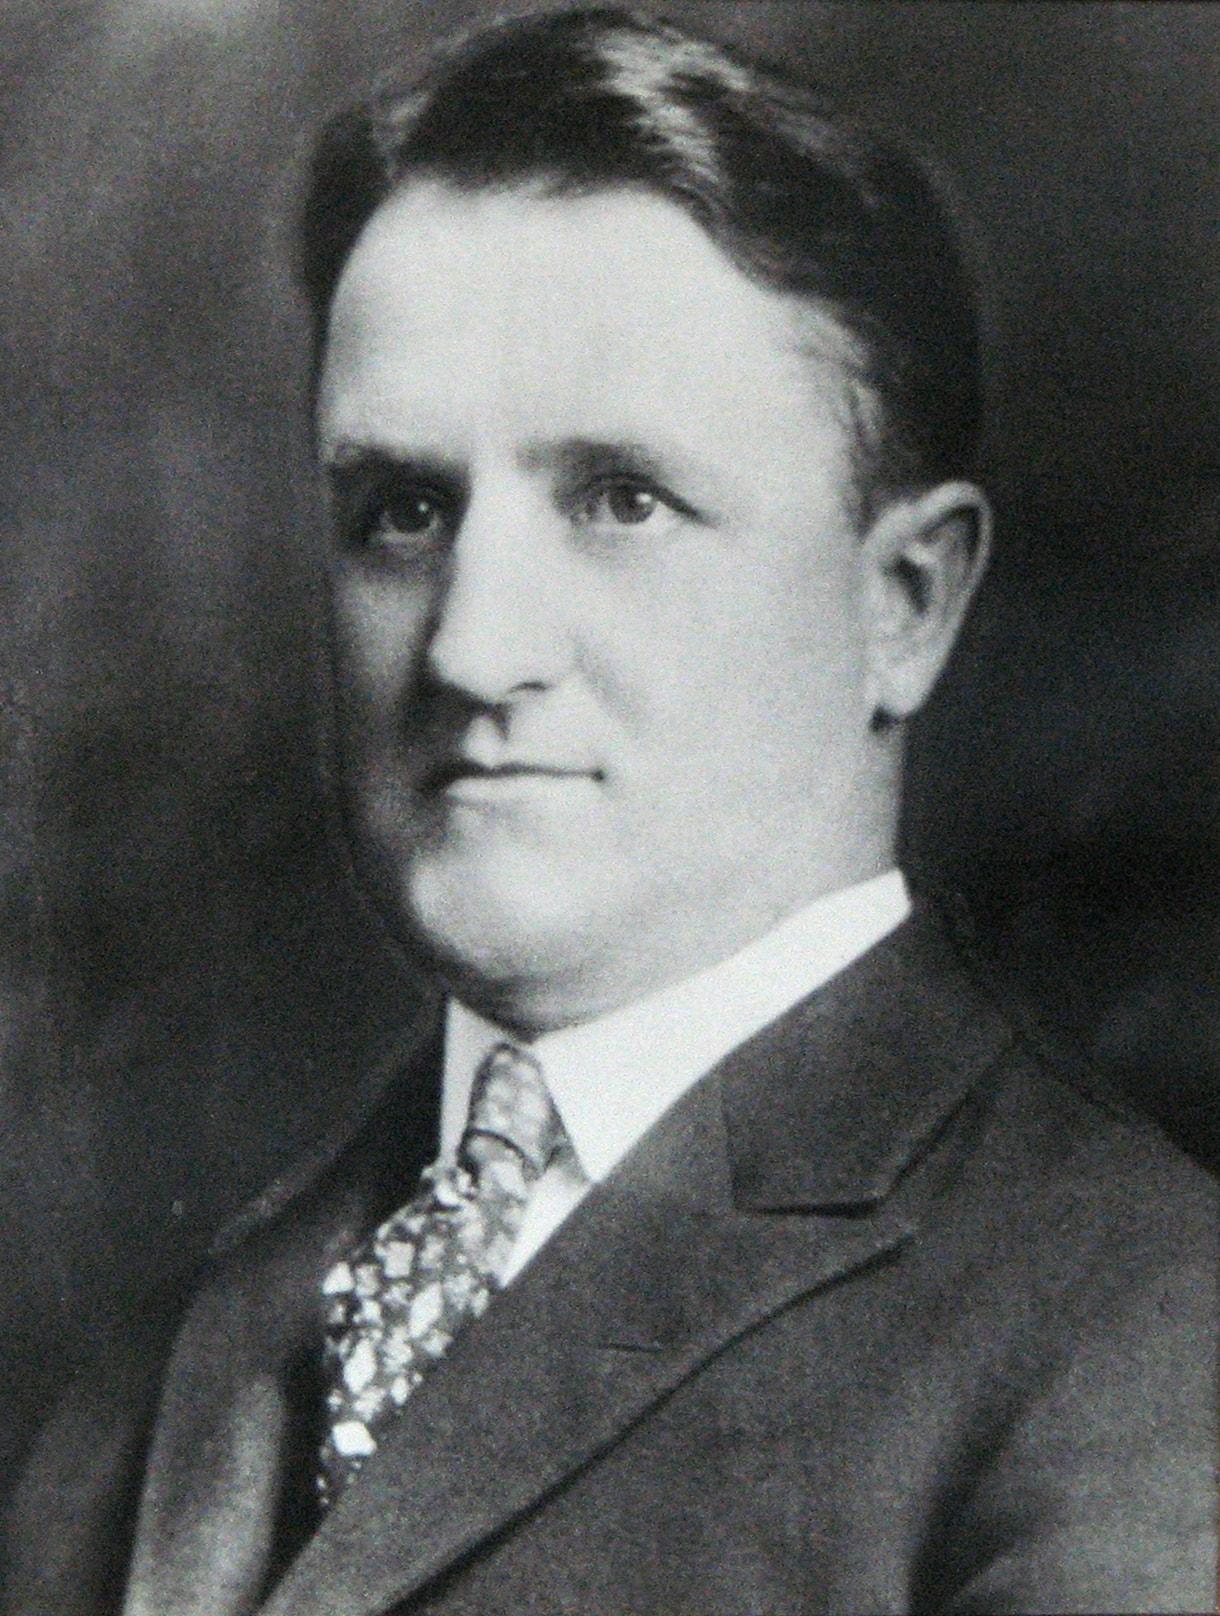 Mayor John H. Fyon